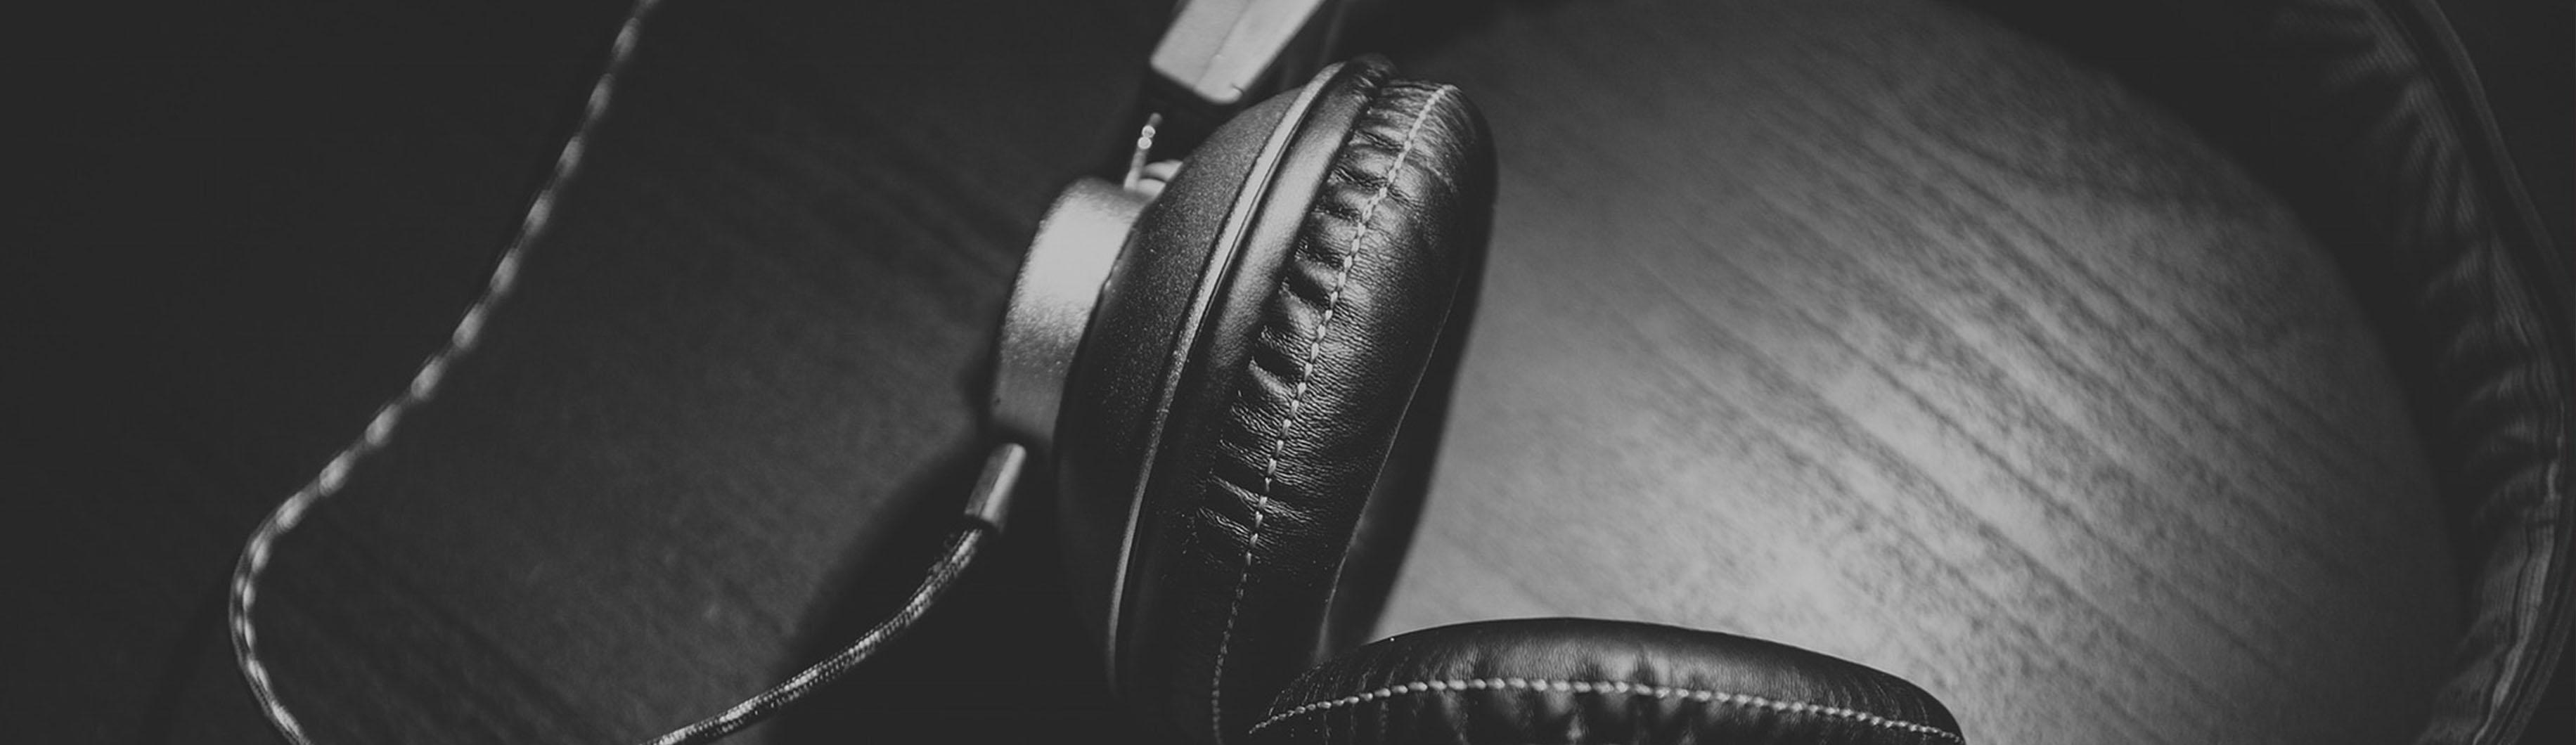 Bandeau nouveautés musique